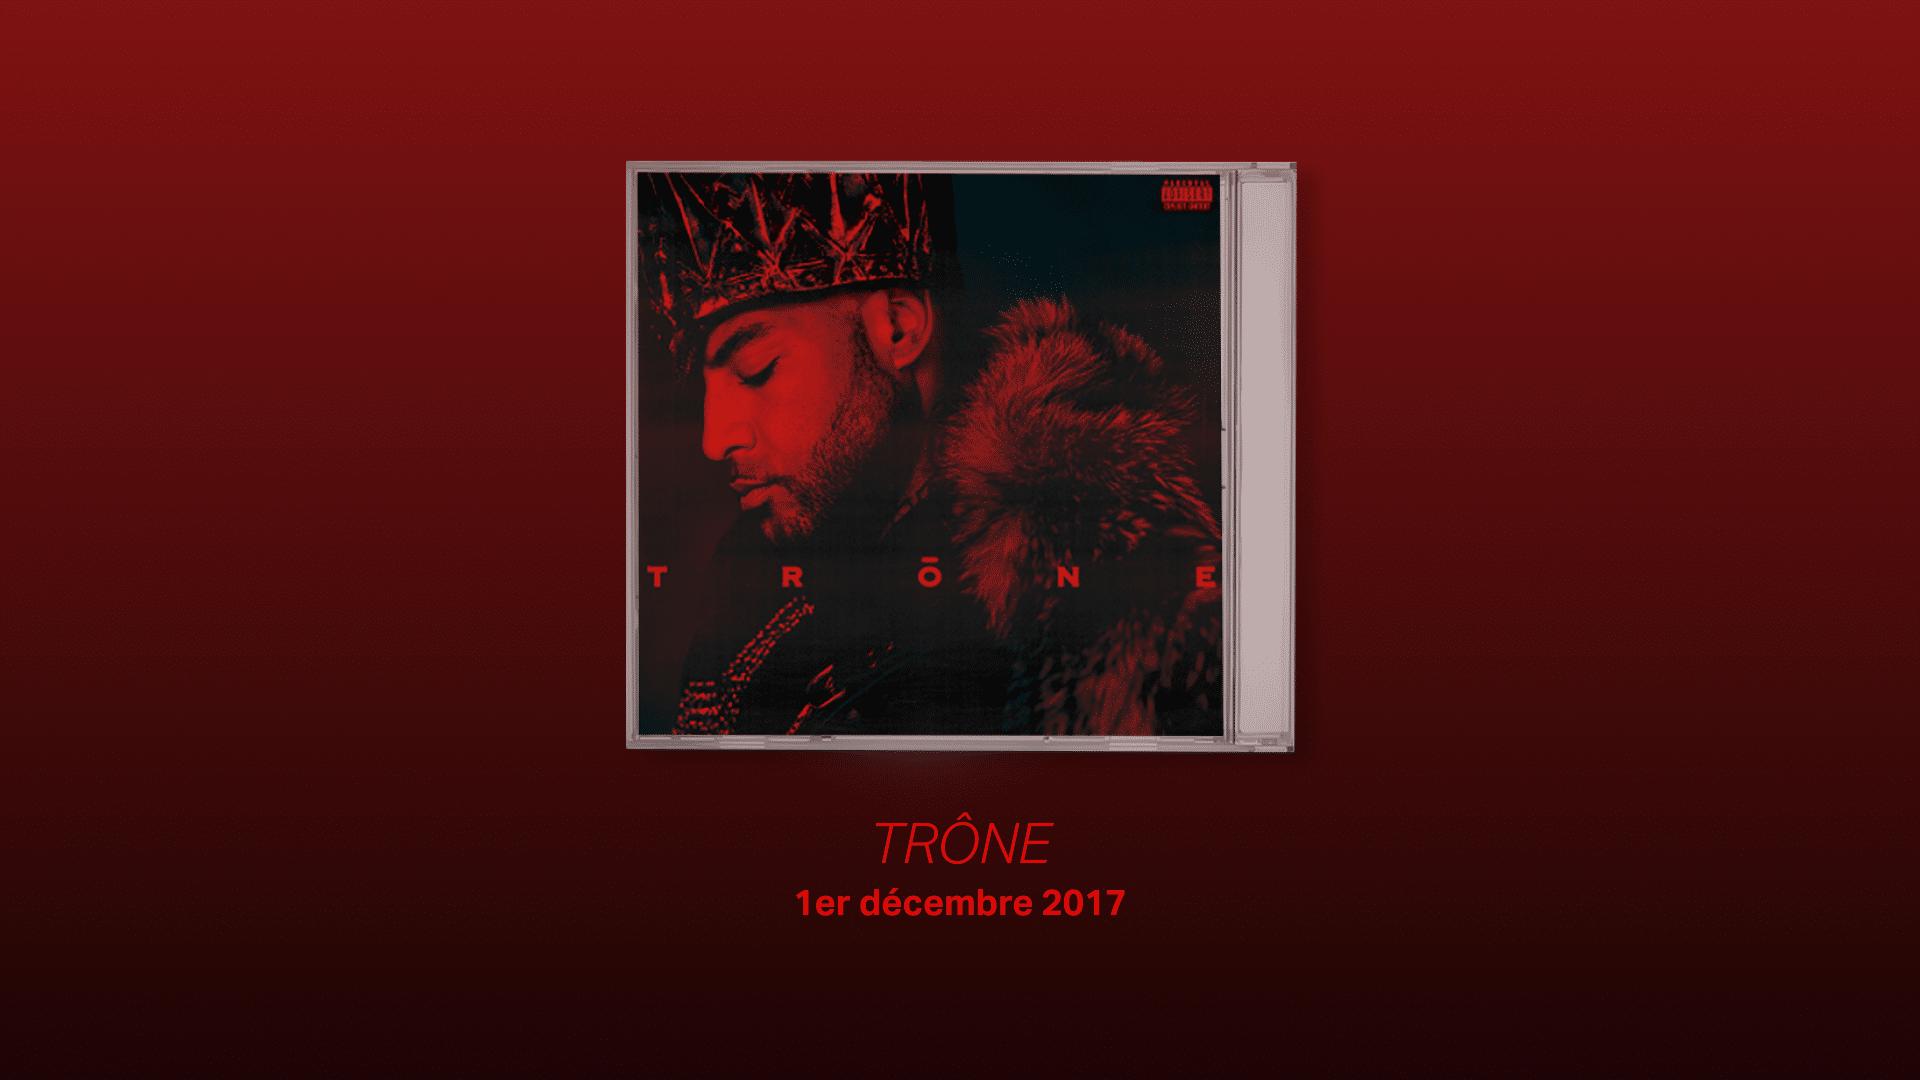 Trone, 9eme meilleur album de Booba